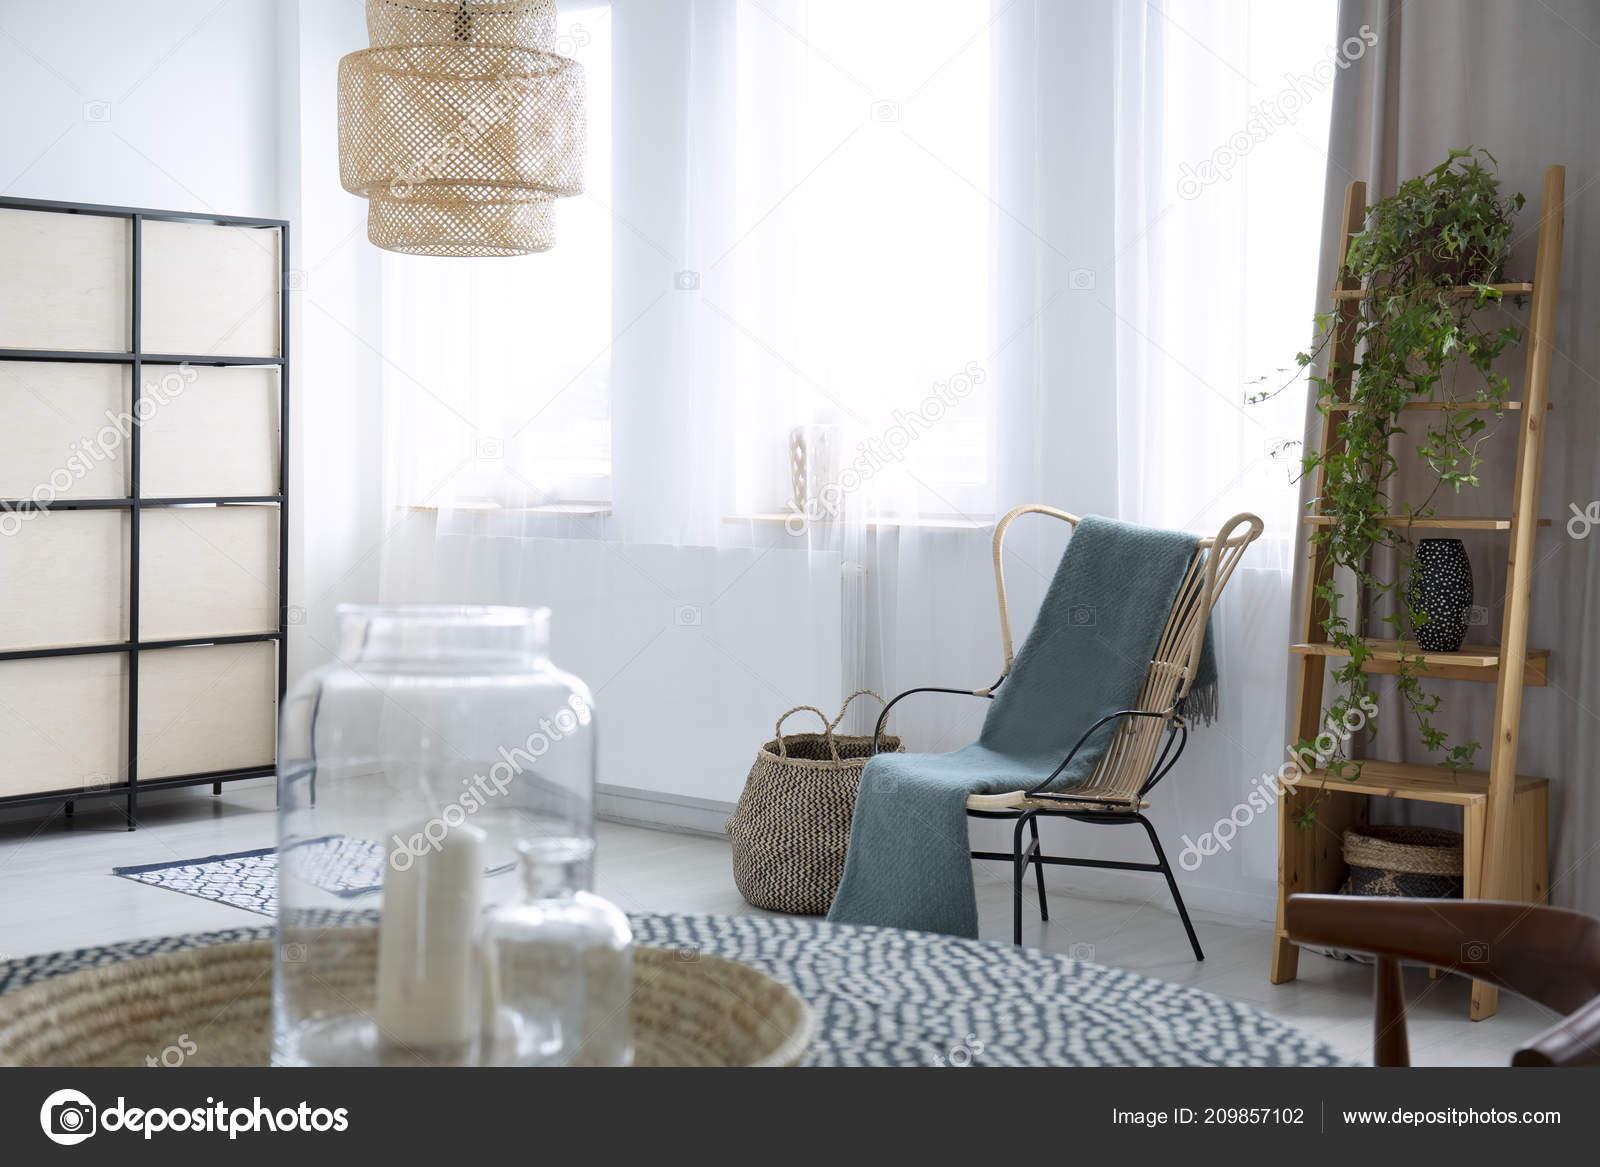 Grüne Sessel Wohnzimmer Lampe Auf Pflanze Mit Interieur Decke Hellen 5jAL3R4